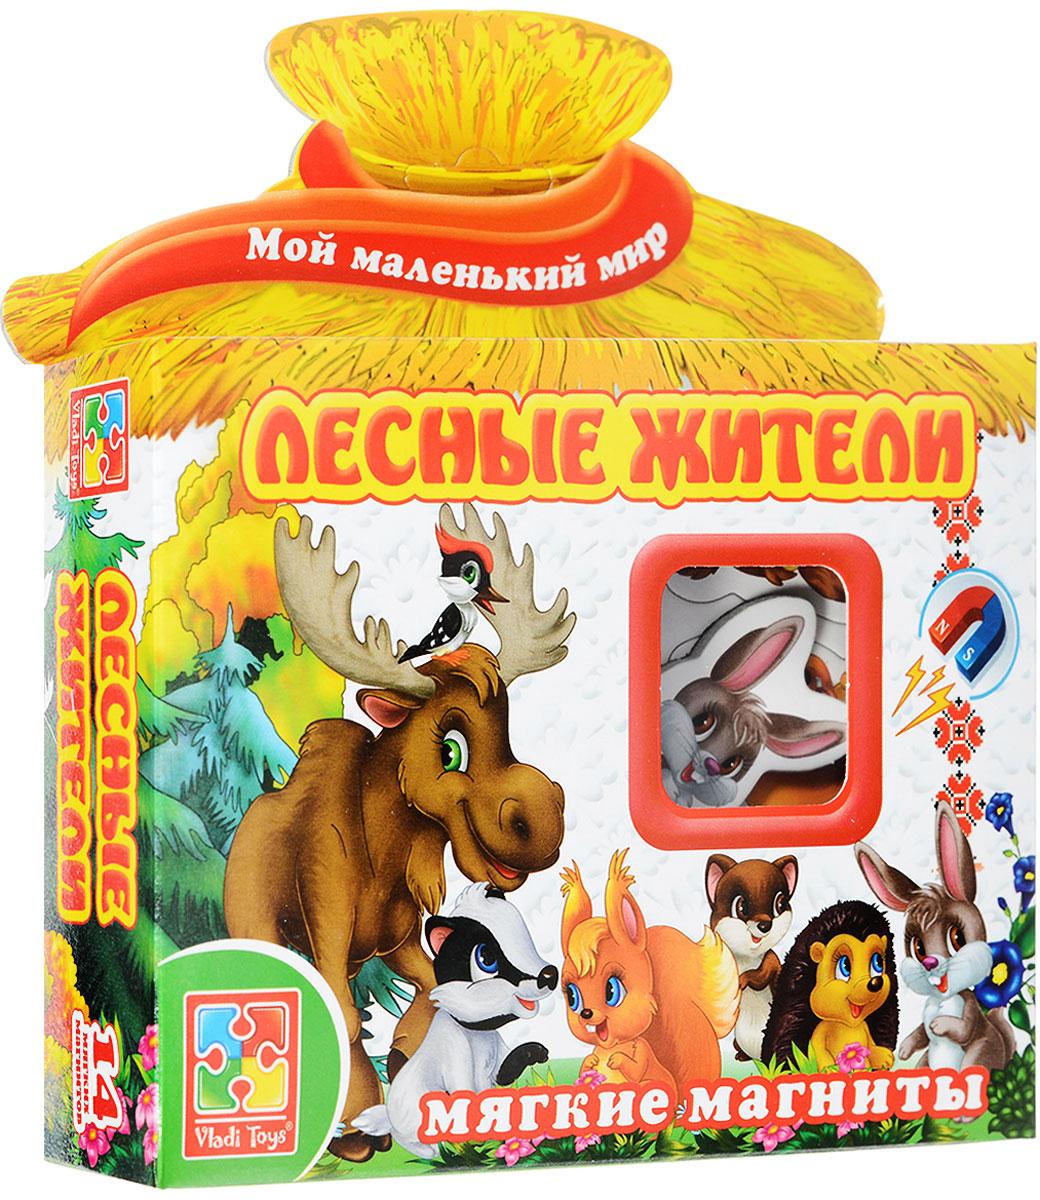 Vladi Toys Развивающая игра Лесные жителиVT3101-04С развивающей магнитной игрой Vladi Toys Лесные жители ваш малыш расширит свои познания об окружающем его мире, увеличит свой словарный запас, сможет весело и познавательно проводить время. Игра познакомит малыша с животными, обитающими в лесу. С фигурными магнитиками можно играть на специальном магнитном планшете или просто на любой ровной металлической поверхности. В рекомендациях предлагается несколько вариантов игр. Обучающая игра на магнитах Vladi Toys научит ребенка соотносить название объекта с его изображением. В наборе 14 мягких магнитов толщиной 3 мм.